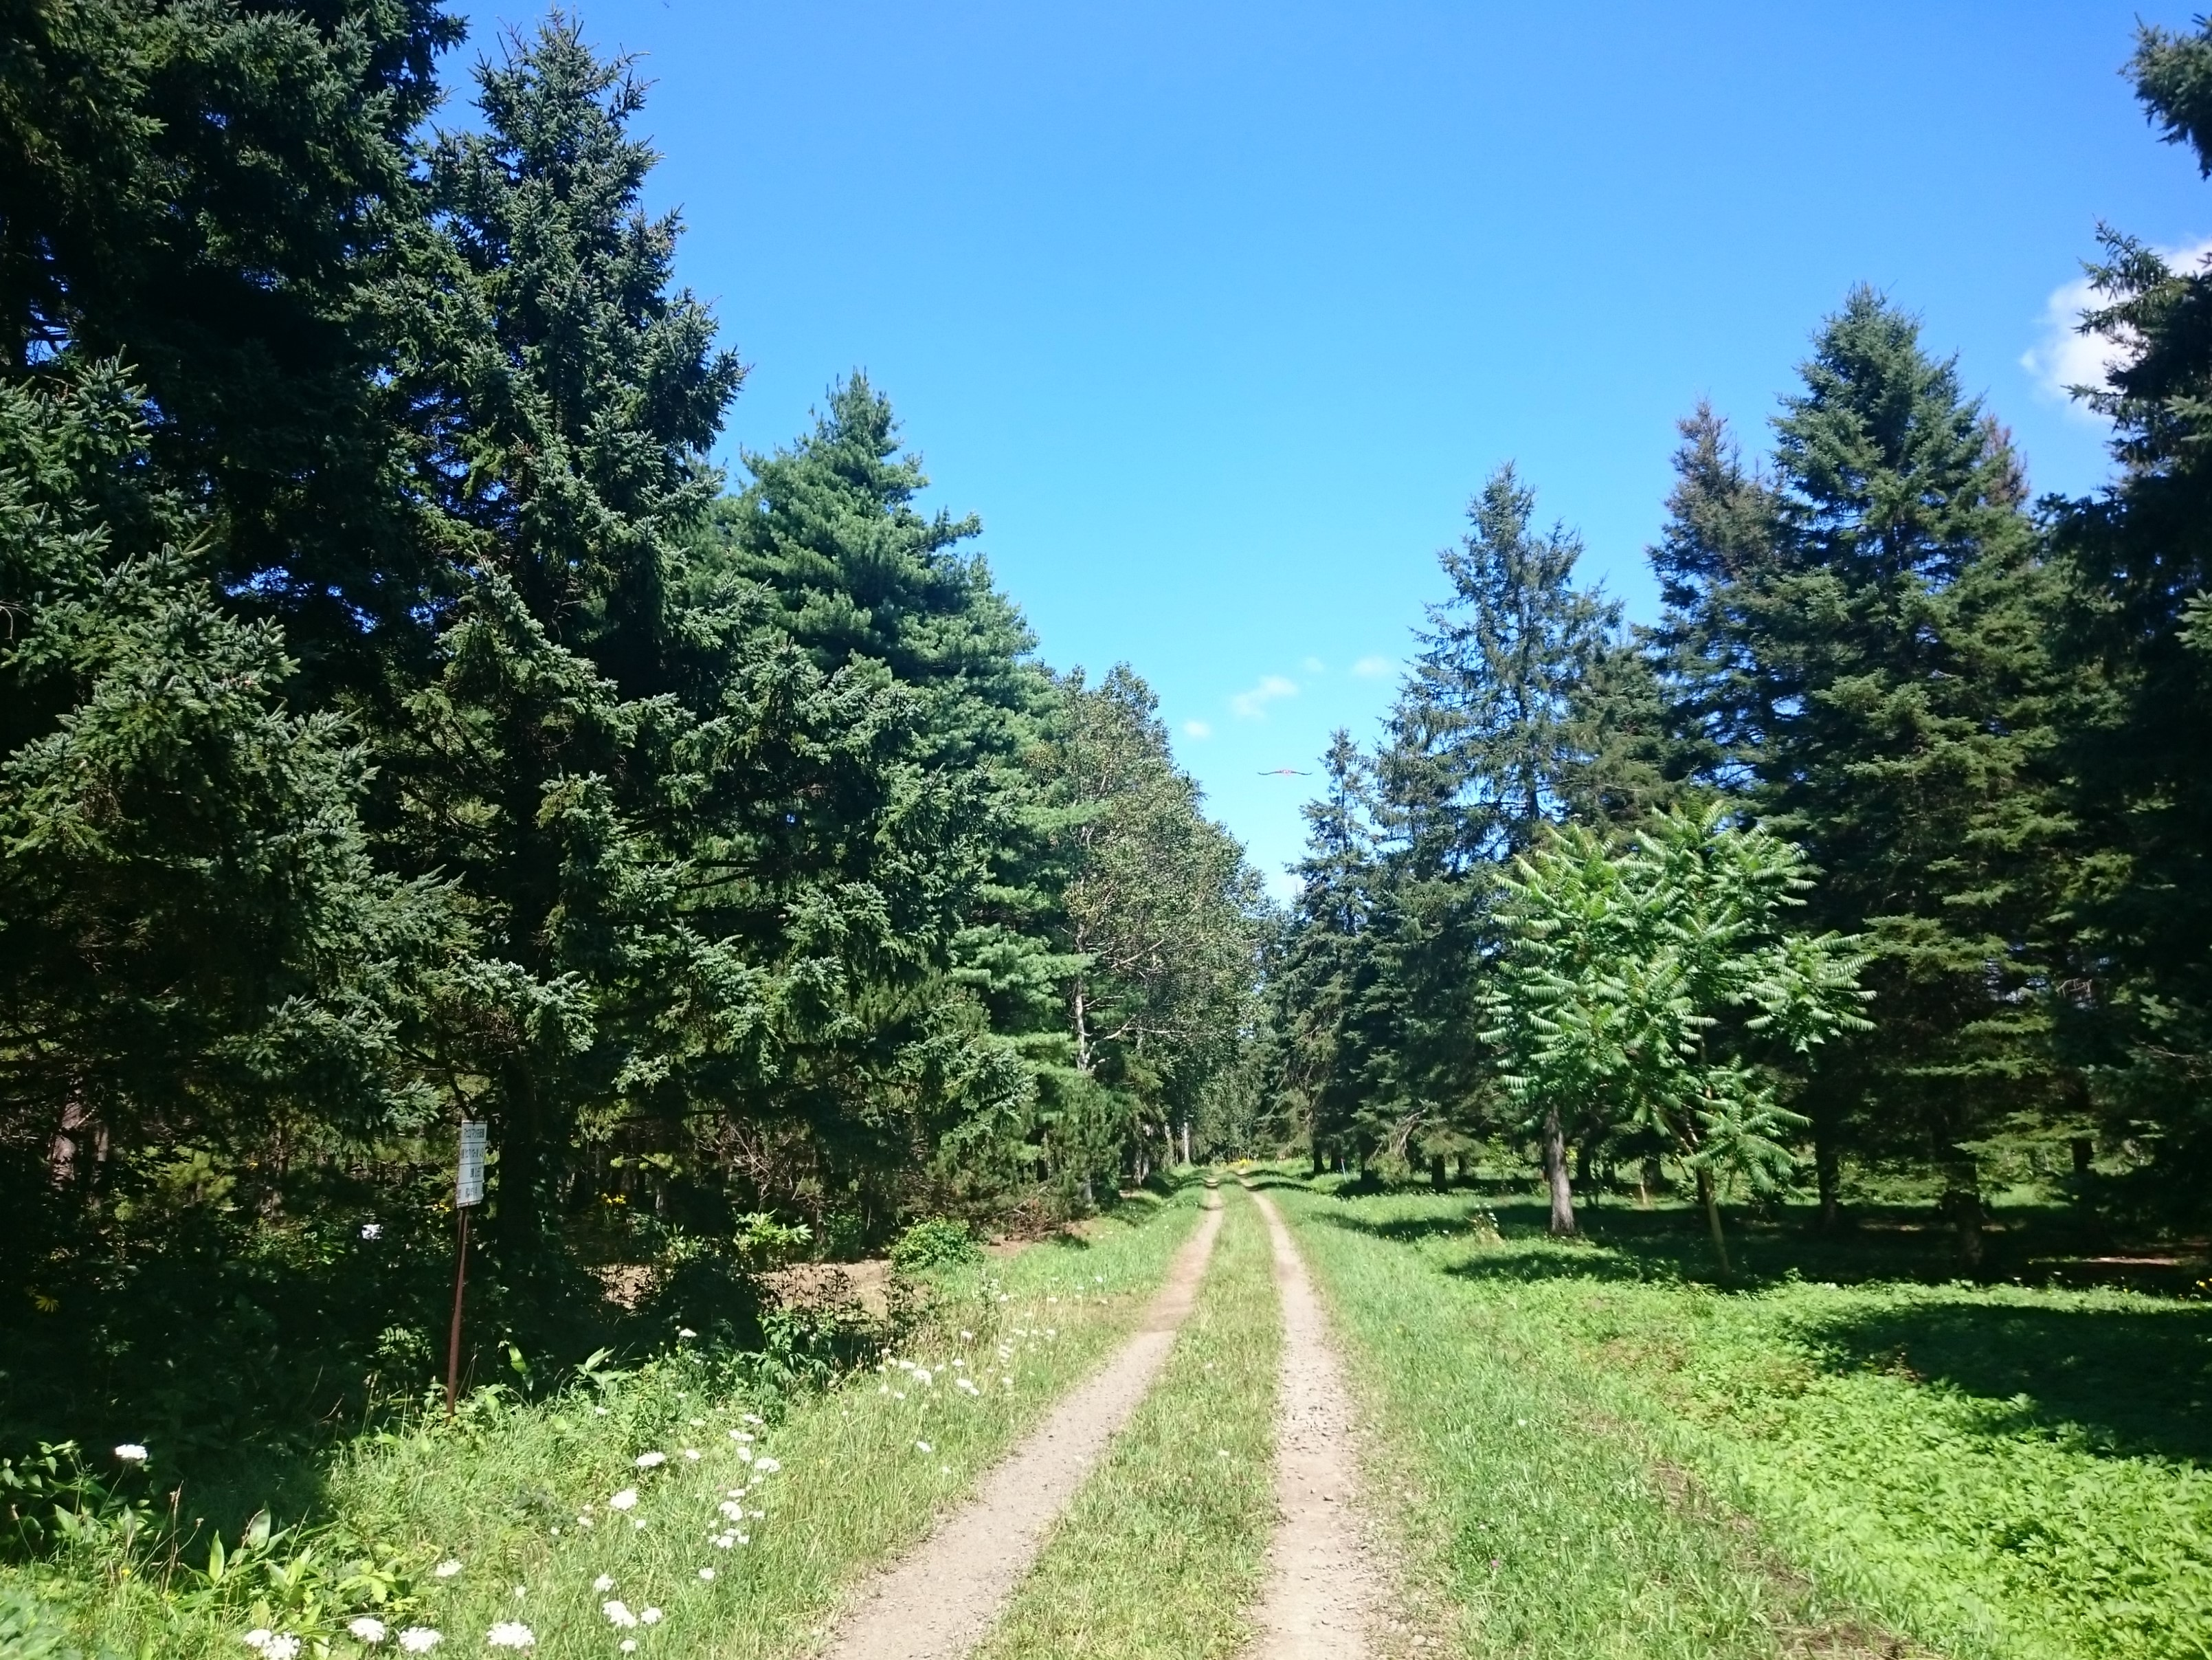 試験林の道